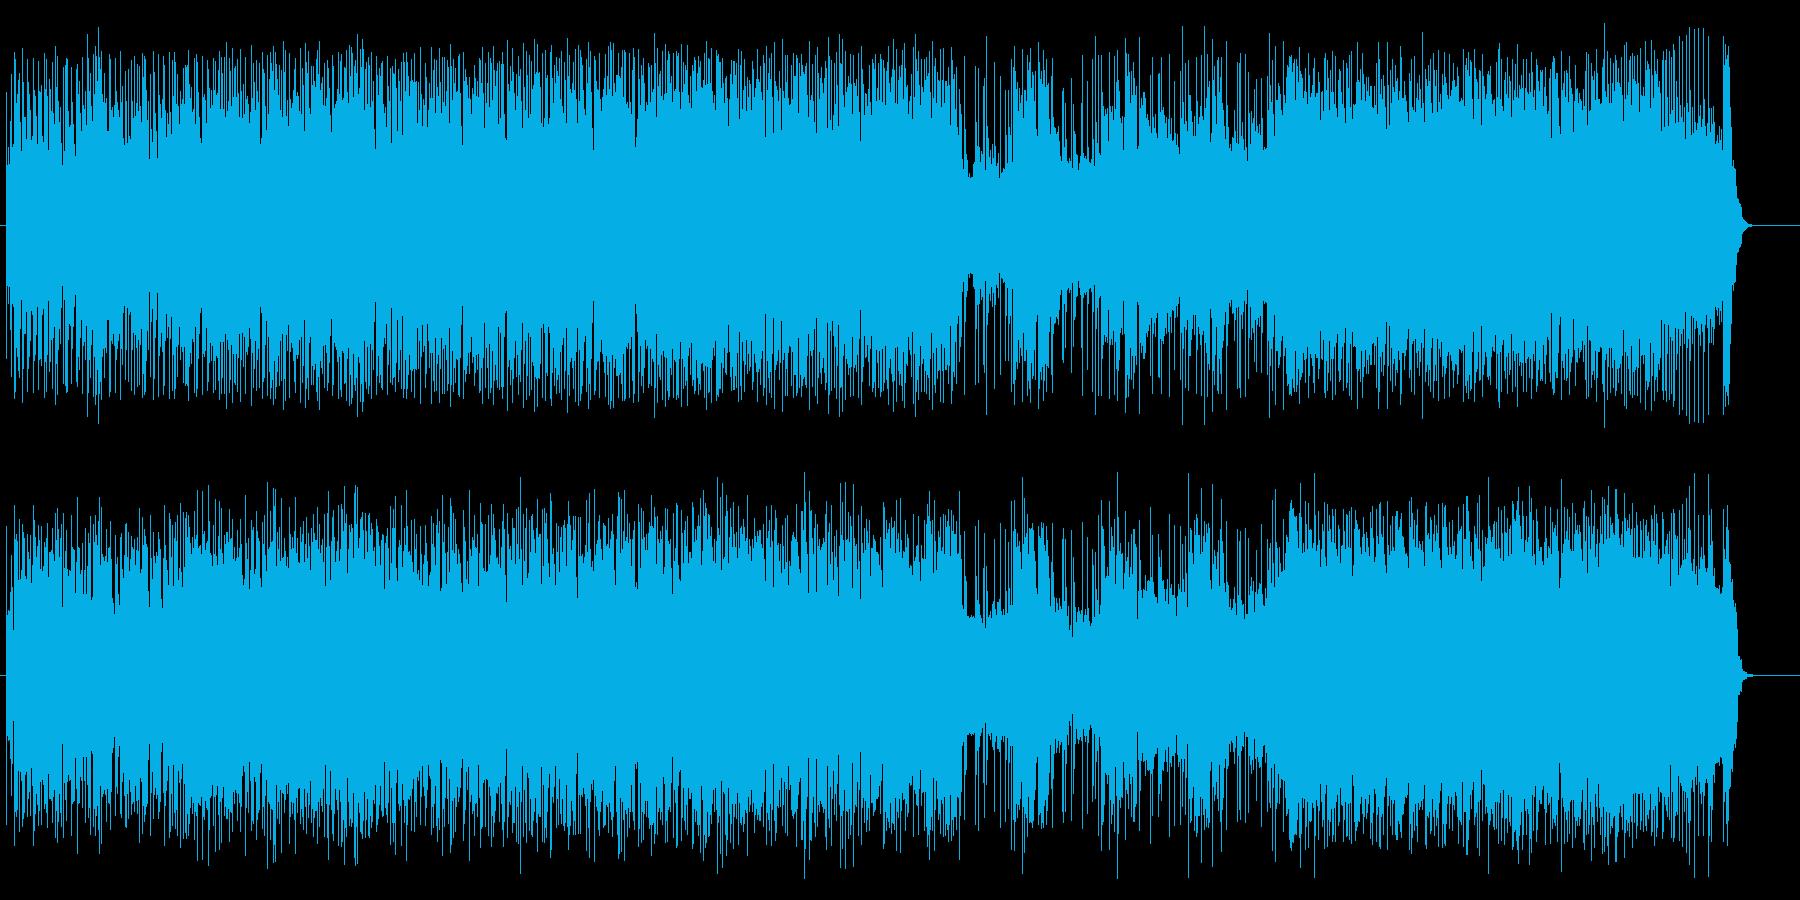 タイトでキャッチーなロックンロールの再生済みの波形